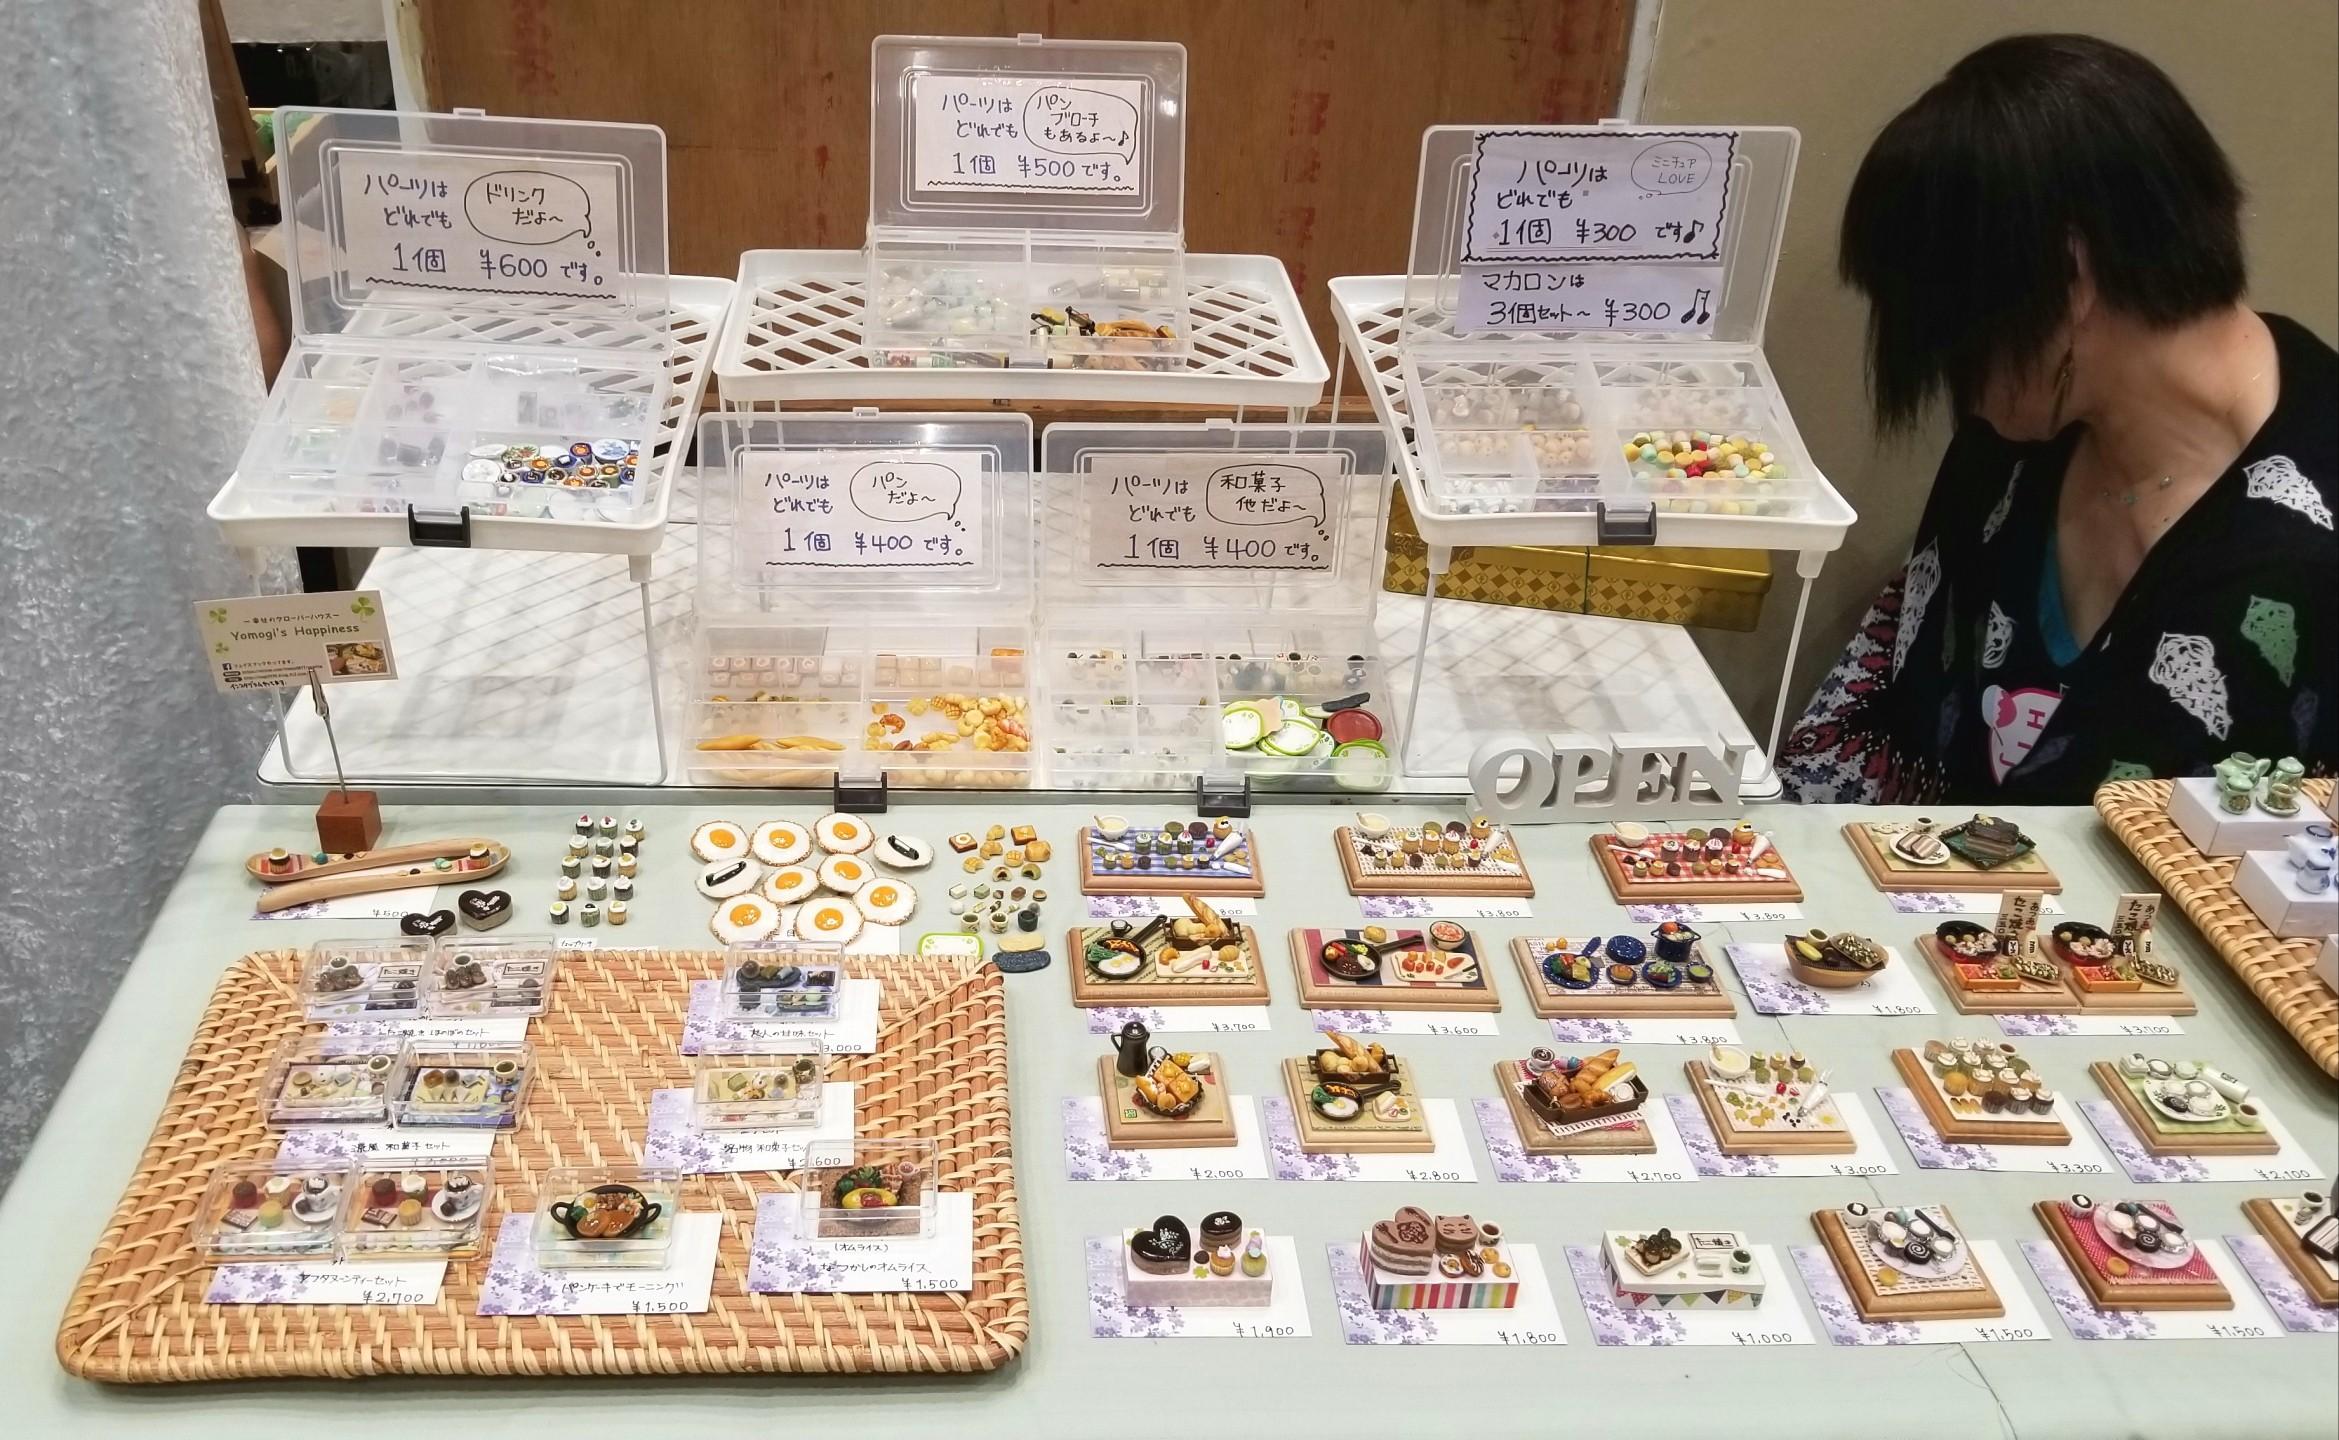 ミニチュア,ハンドメイドイベント,東京,樹脂粘土,展示,出店